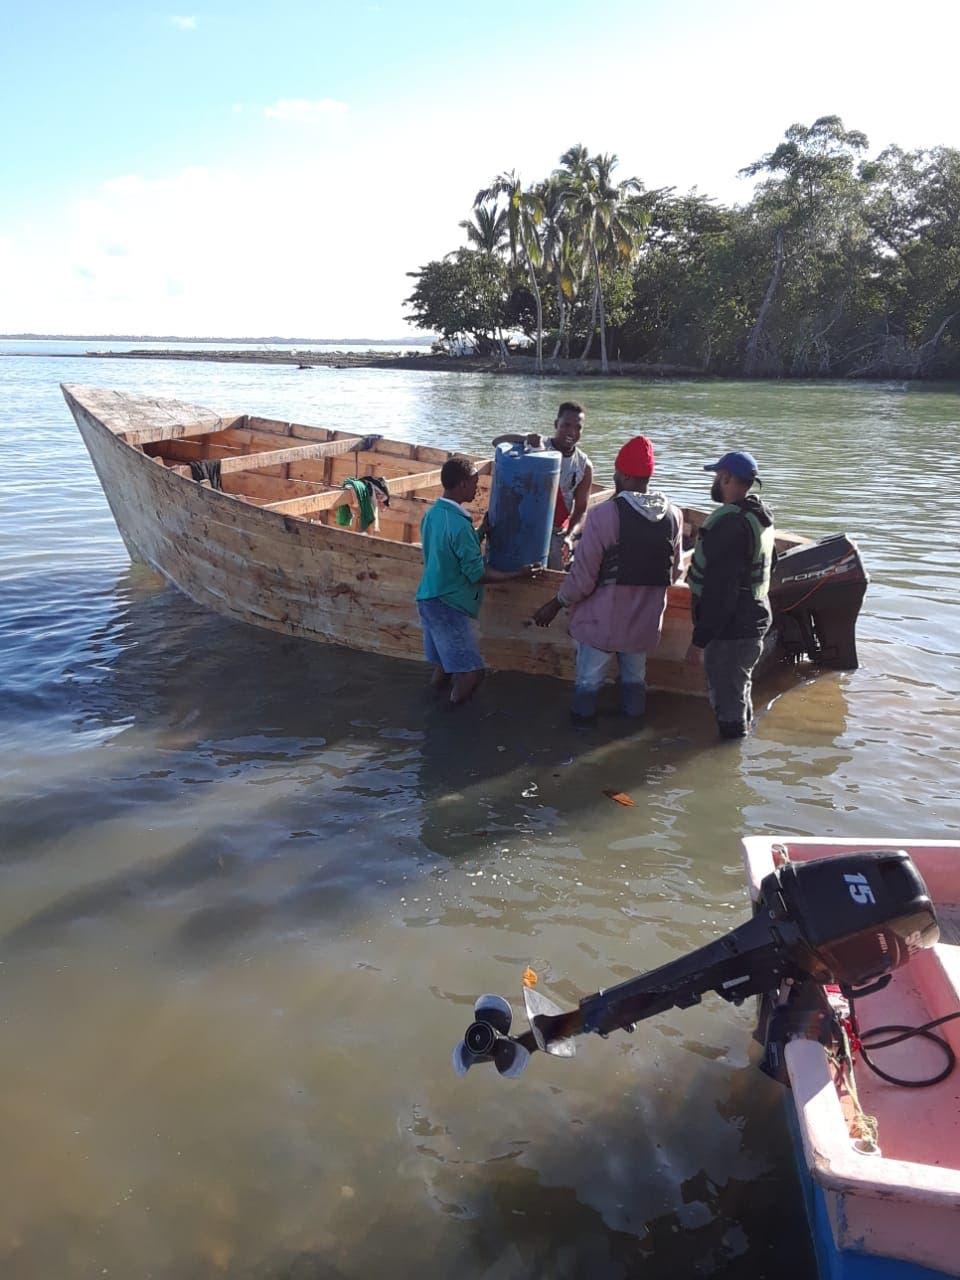 Armada frustra siete viajes ilegales a Puerto Rico en menos de 24 horas